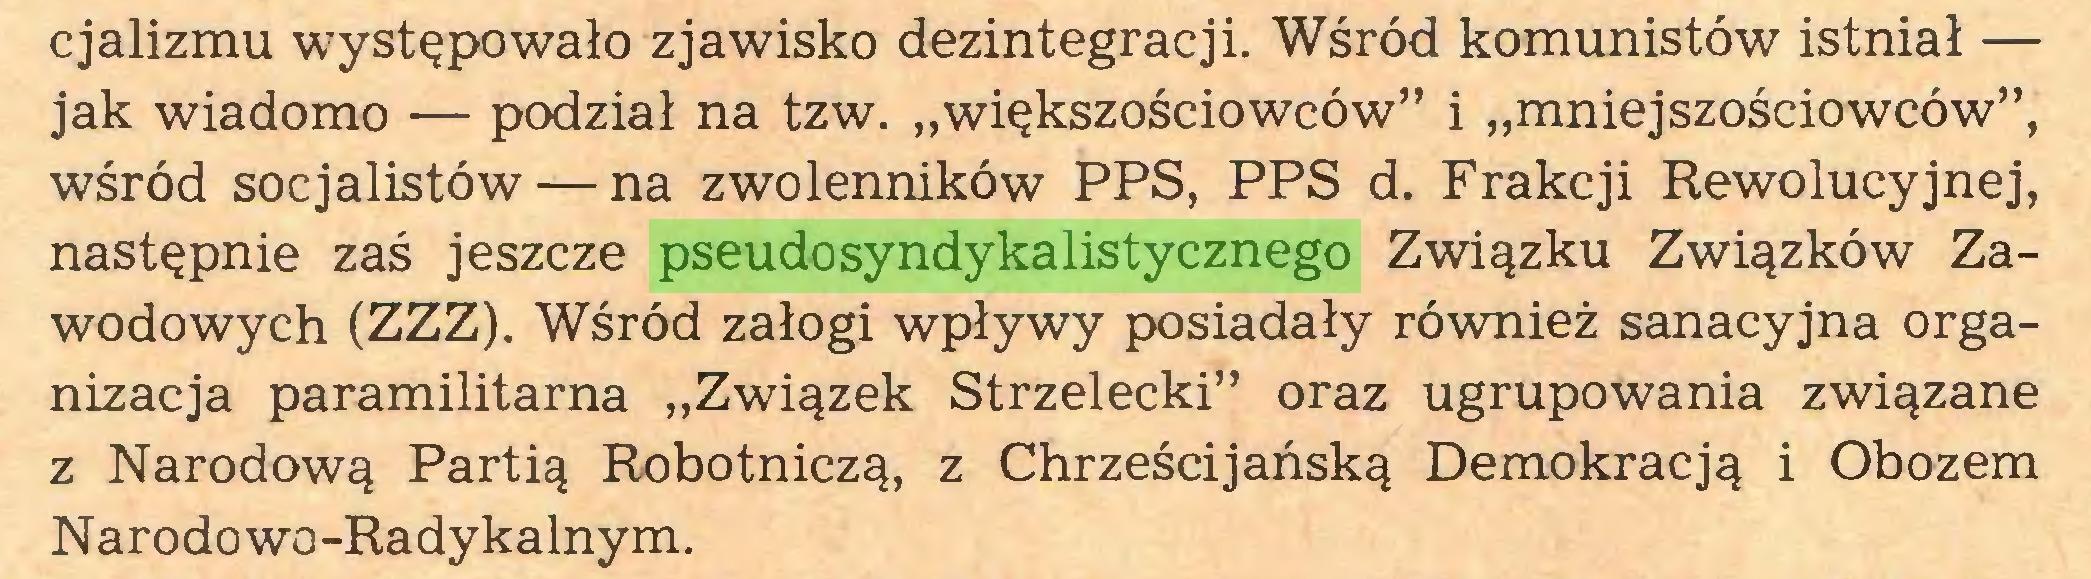 """(...) cjalizmu występowało zjawisko dezintegracji. Wśród komunistów istniał — jak wiadomo — podział na tzw. """"większościowców"""" i """"mniejszościowców"""", wśród socjalistów — na zwolenników PPS, PPS d. Frakcji Rewolucyjnej, następnie zaś jeszcze pseudosyndykalistycznego Związku Związków Zawodowych (ZZZ). Wśród załogi wpływy posiadały również sanacyjna organizacja paramilitarna """"Związek Strzelecki"""" oraz ugrupowania związane z Narodową Partią Robotniczą, z Chrześcijańską Demokracją i Obozem Narodowo-Radykalnym..."""